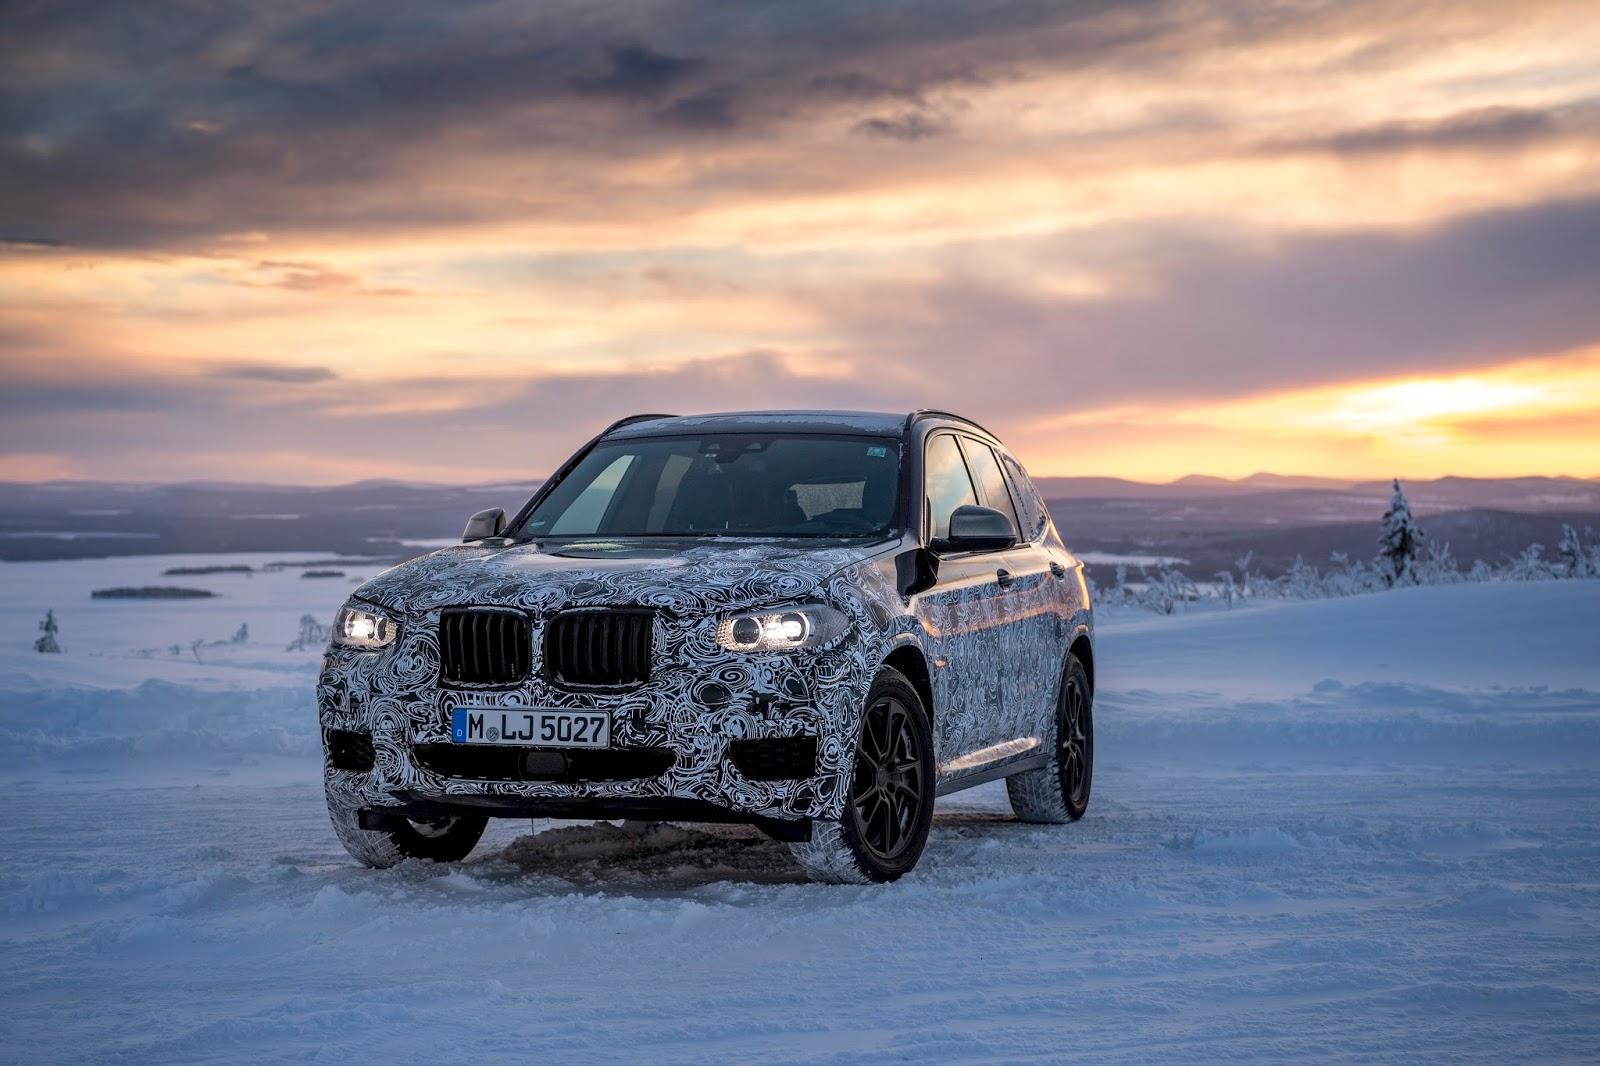 P90249829 highRes the new bmw x3 under Δοκιμές στην παγωμένη Βόρεια Σουηδία, για την επερχόμενη BMW X3 BMW, BMW X, BMW X3, SUV, videos